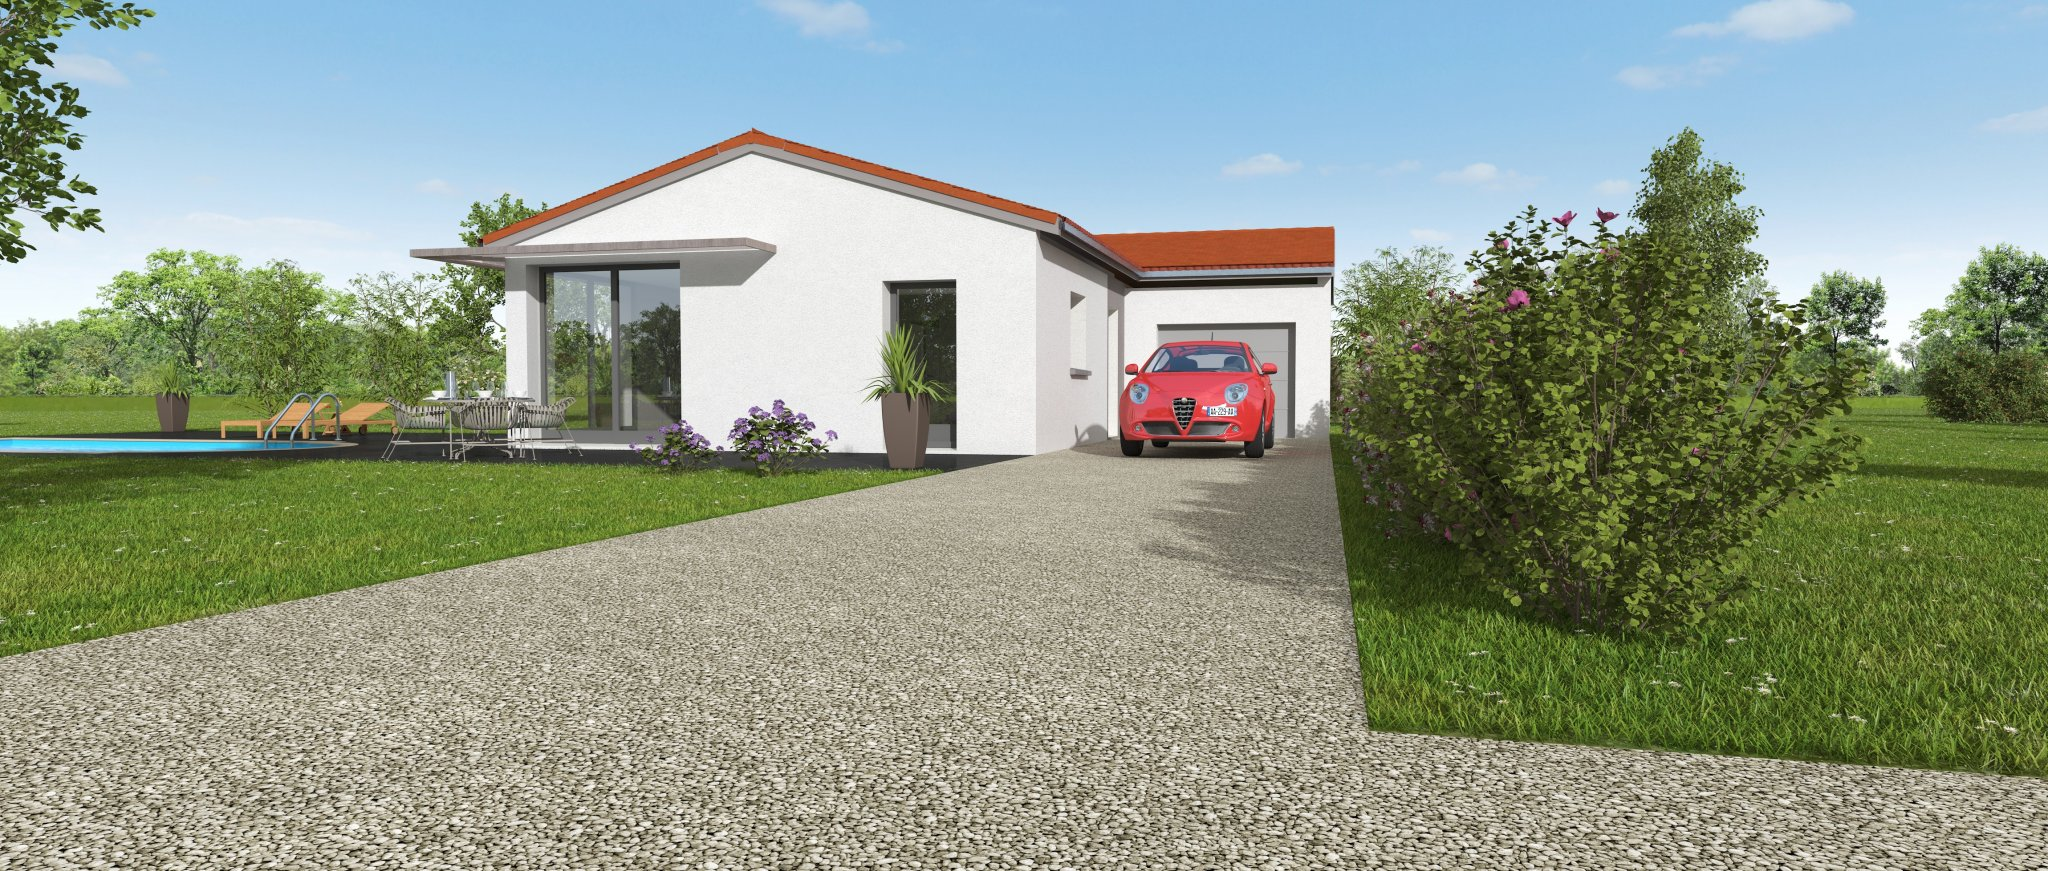 Maisons du constructeur MAISONS CLEDOR • 95 m² • TEILHEDE